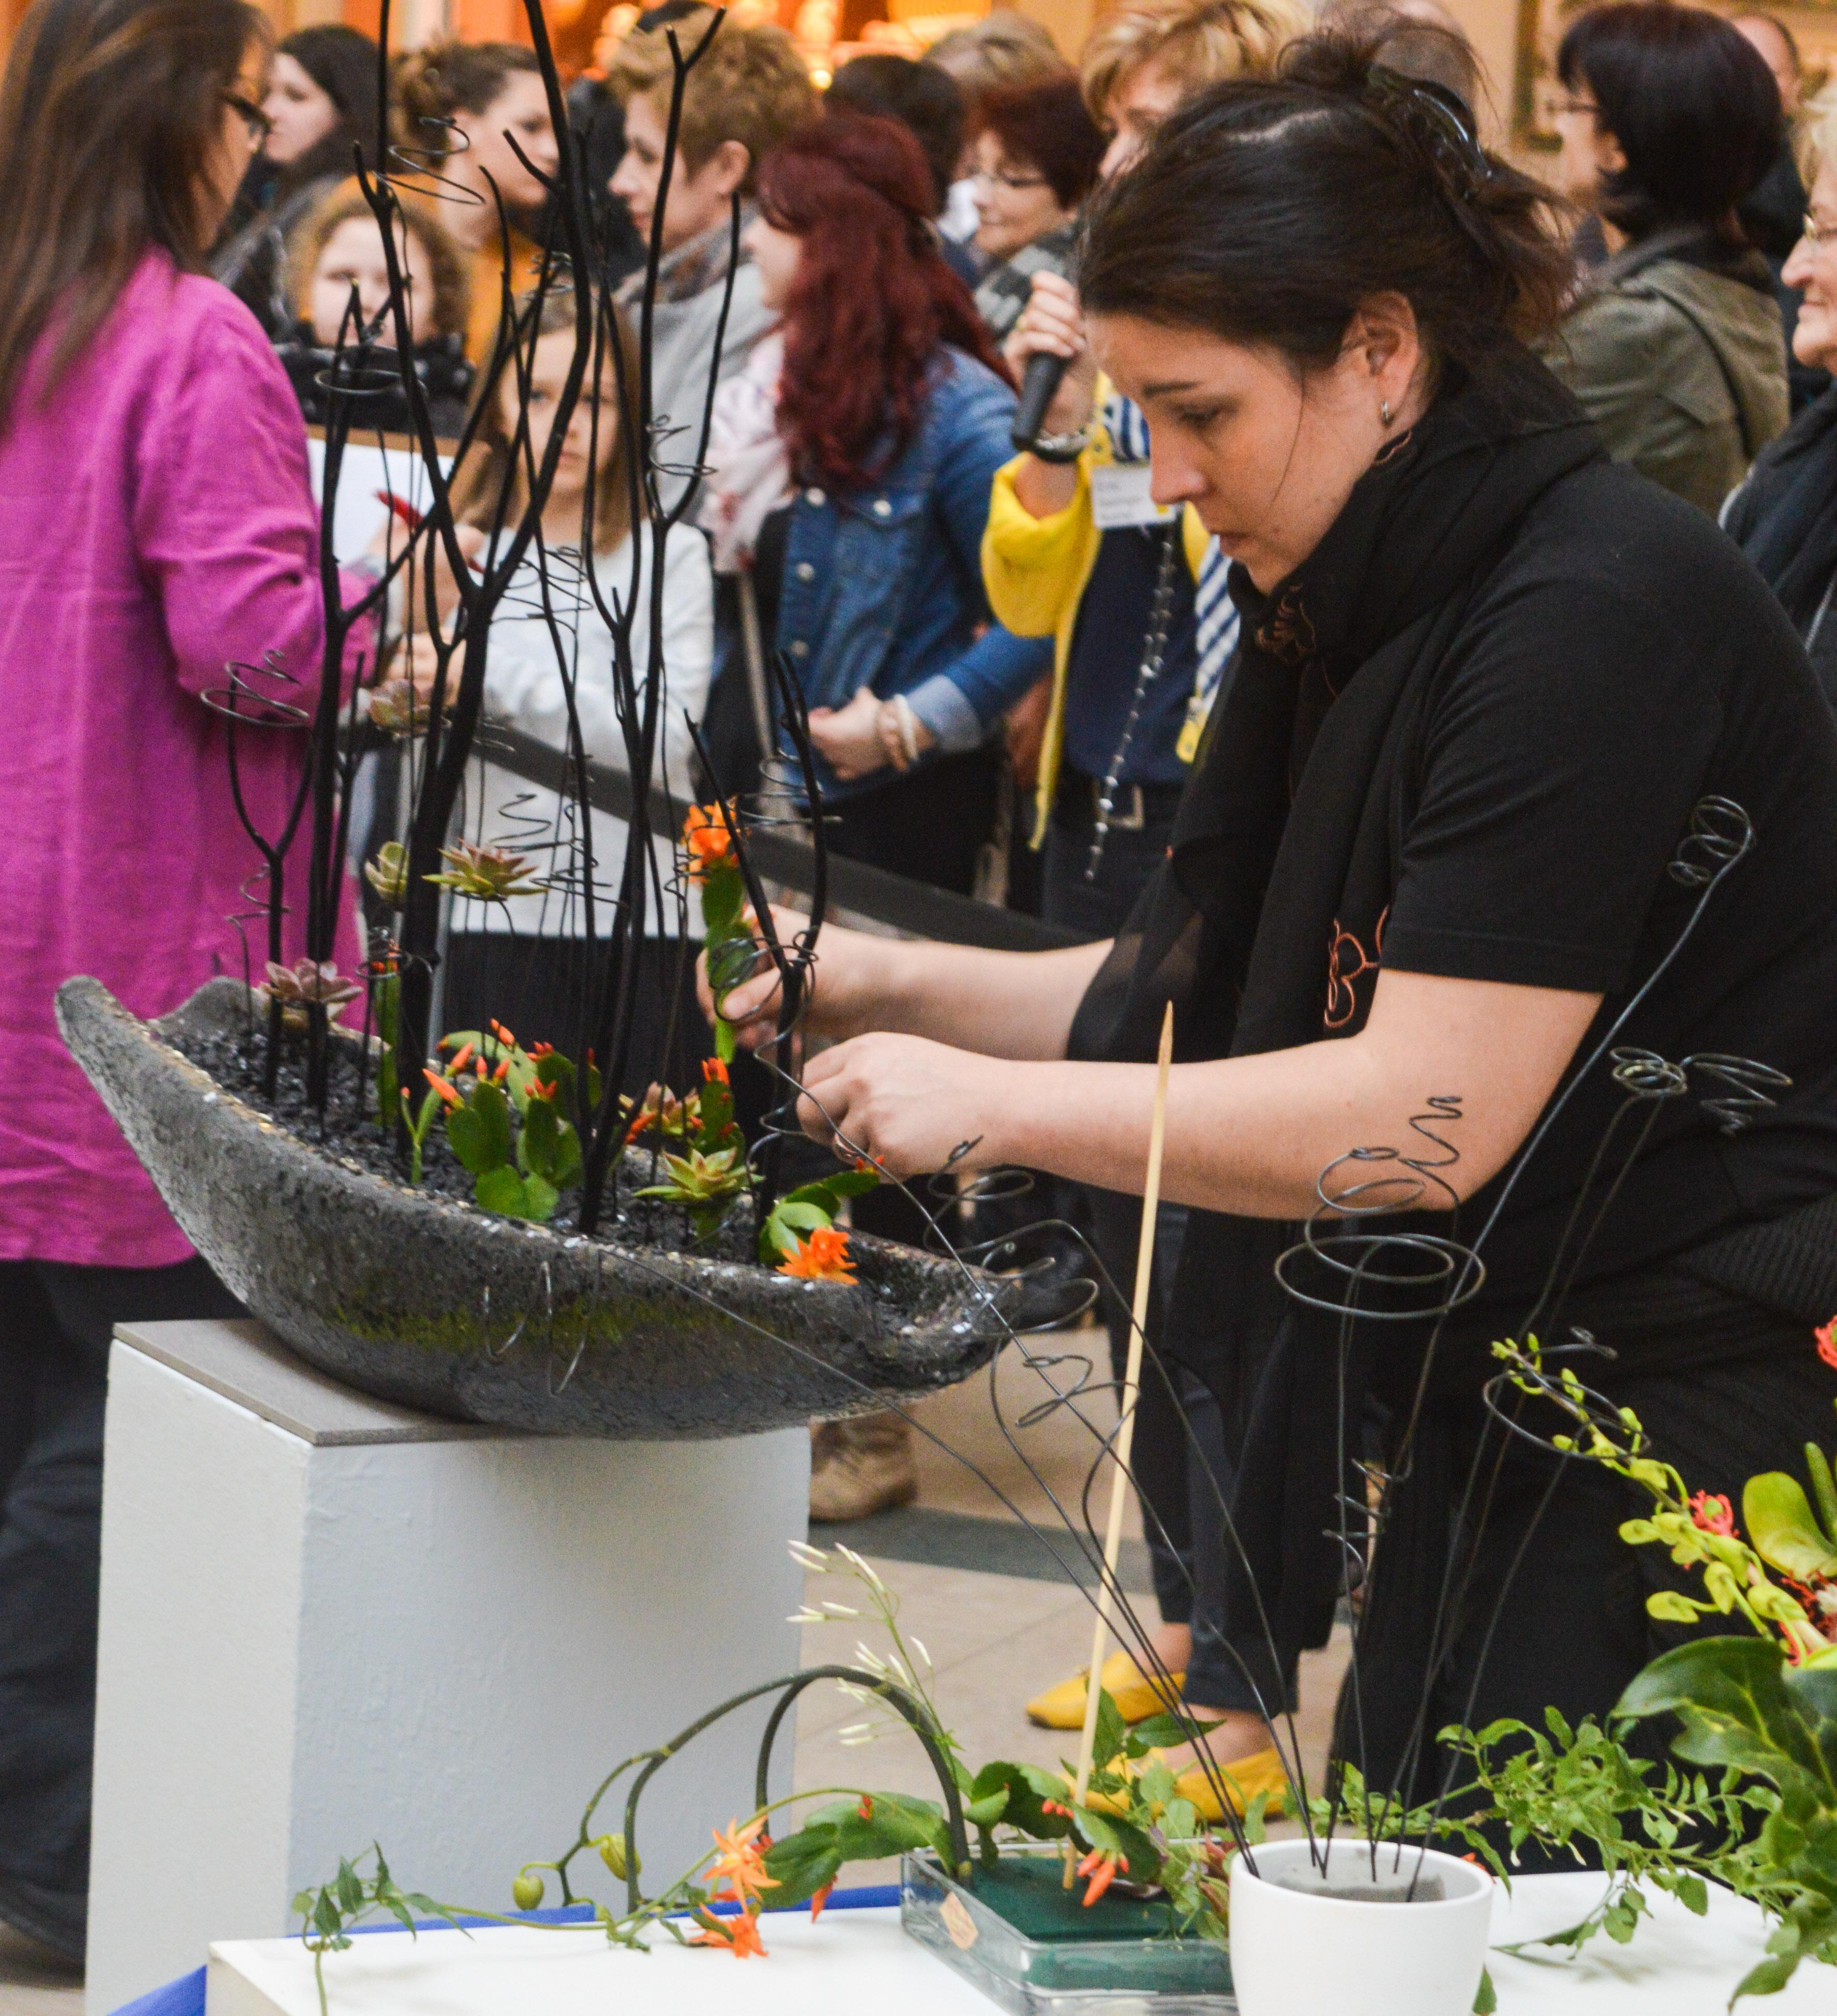 Florist_Geschäft_des_Jahres16-32